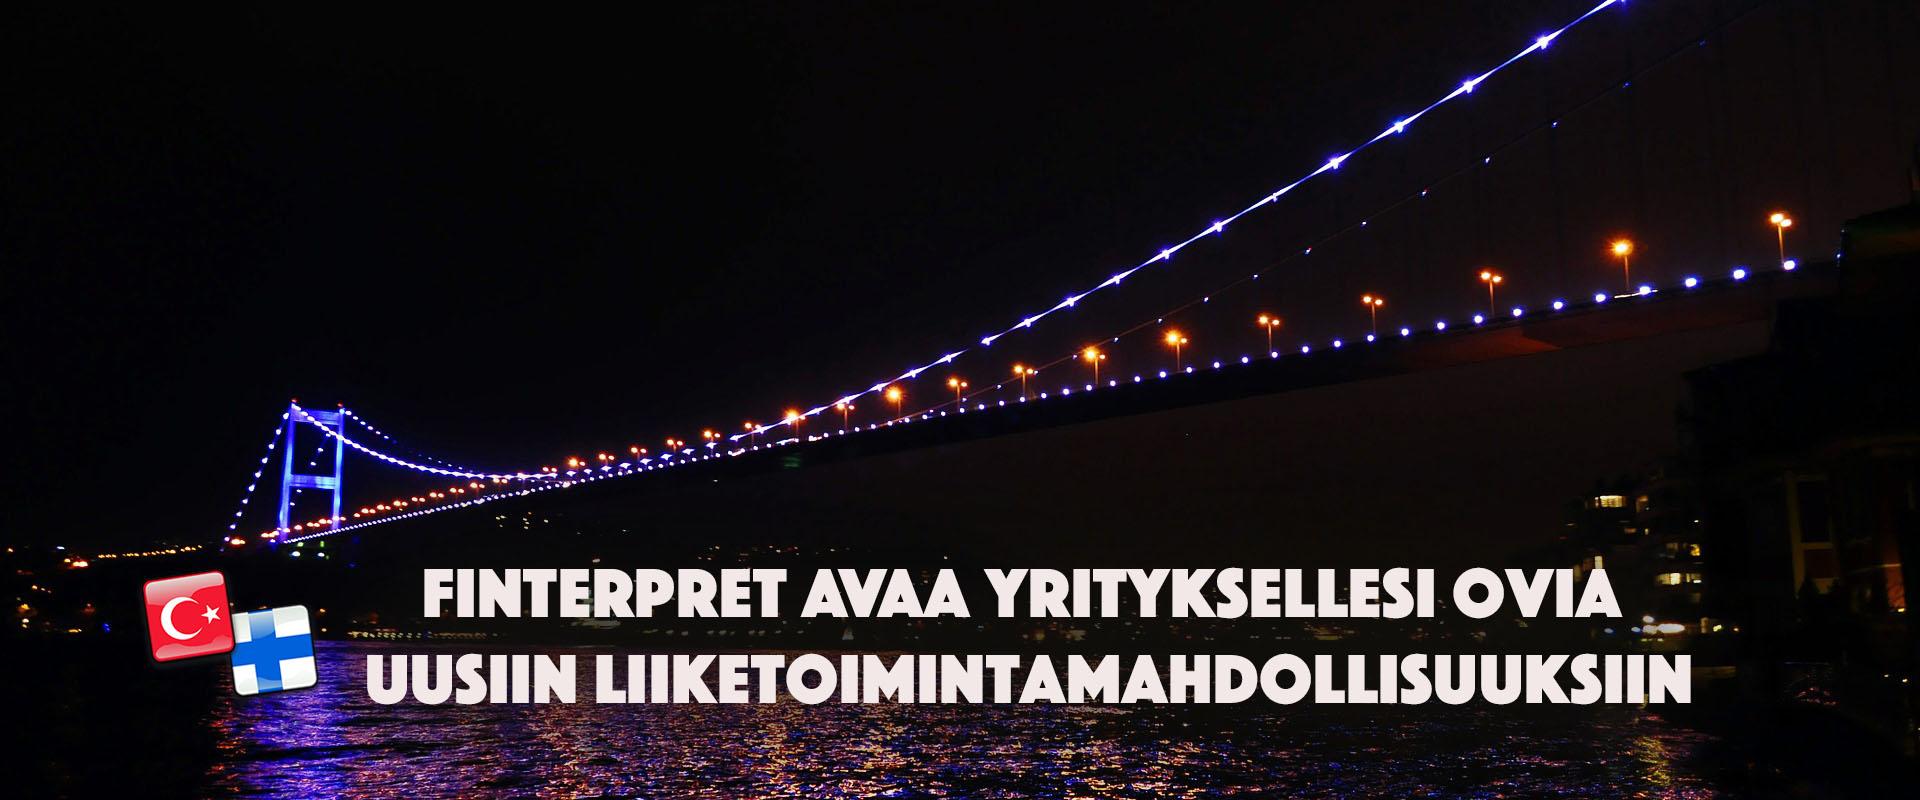 Finterpret - yritystoiminnan konsultointi ja turkin kielen käännöstyöt